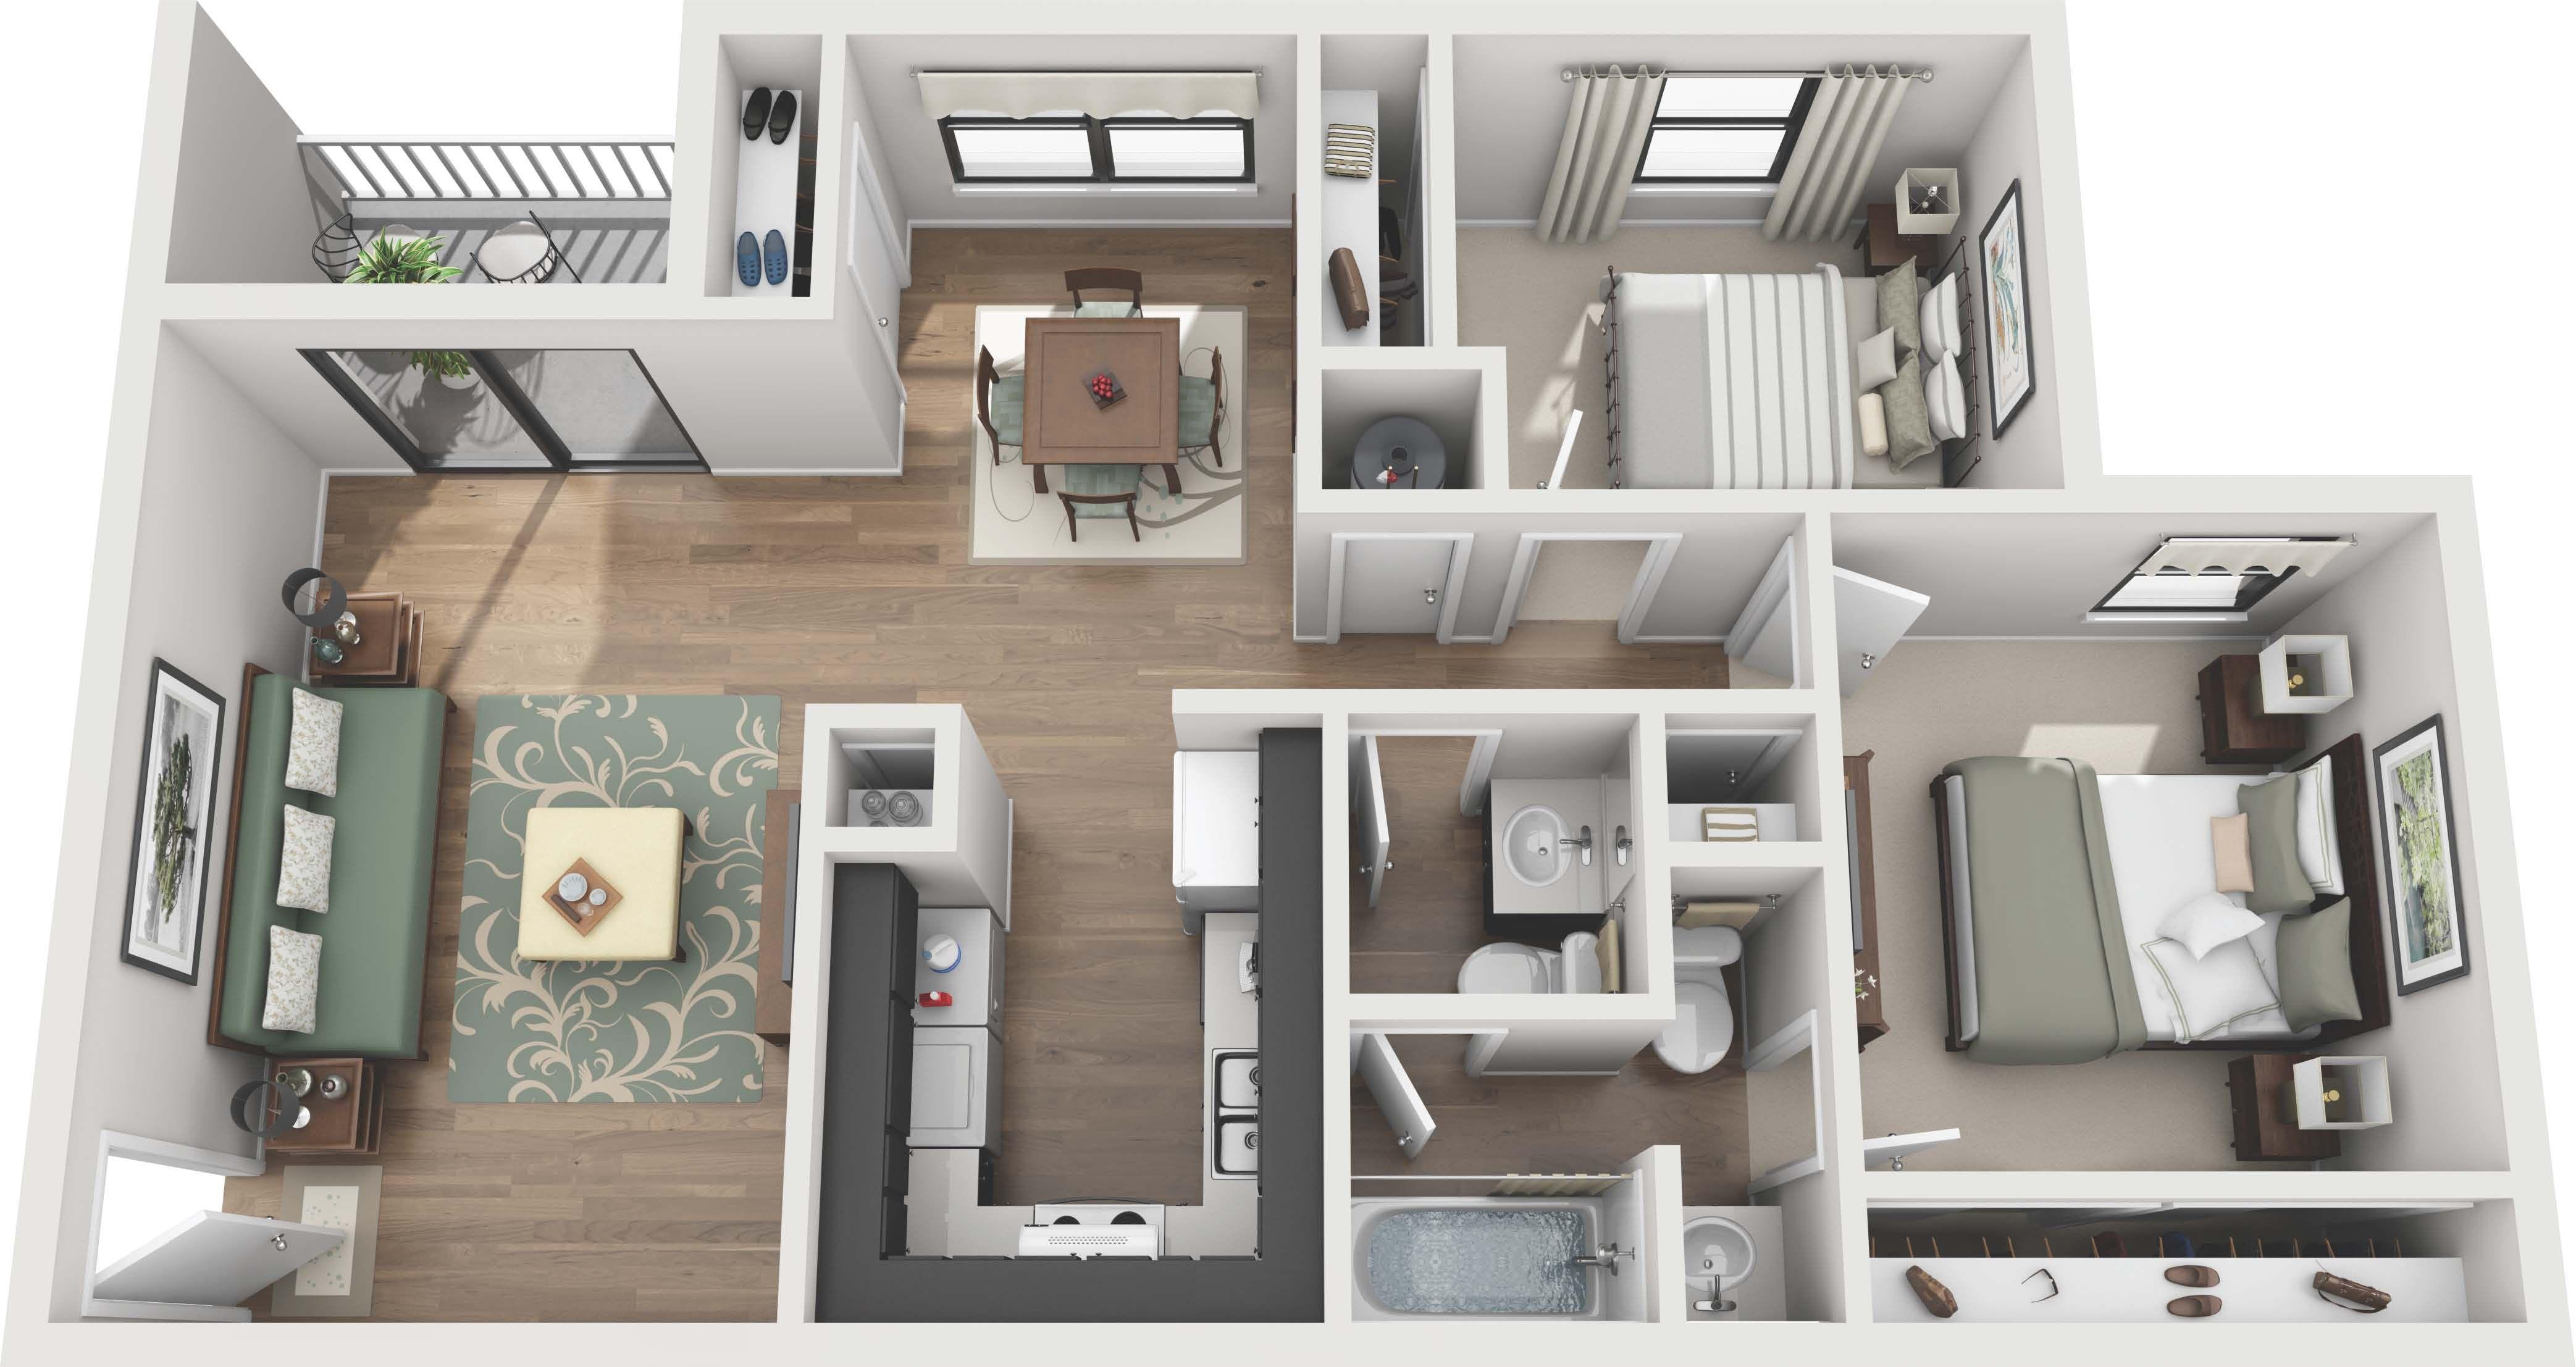 2 Bedroom Luxury Apartments In Franklin Tn Floor Plans